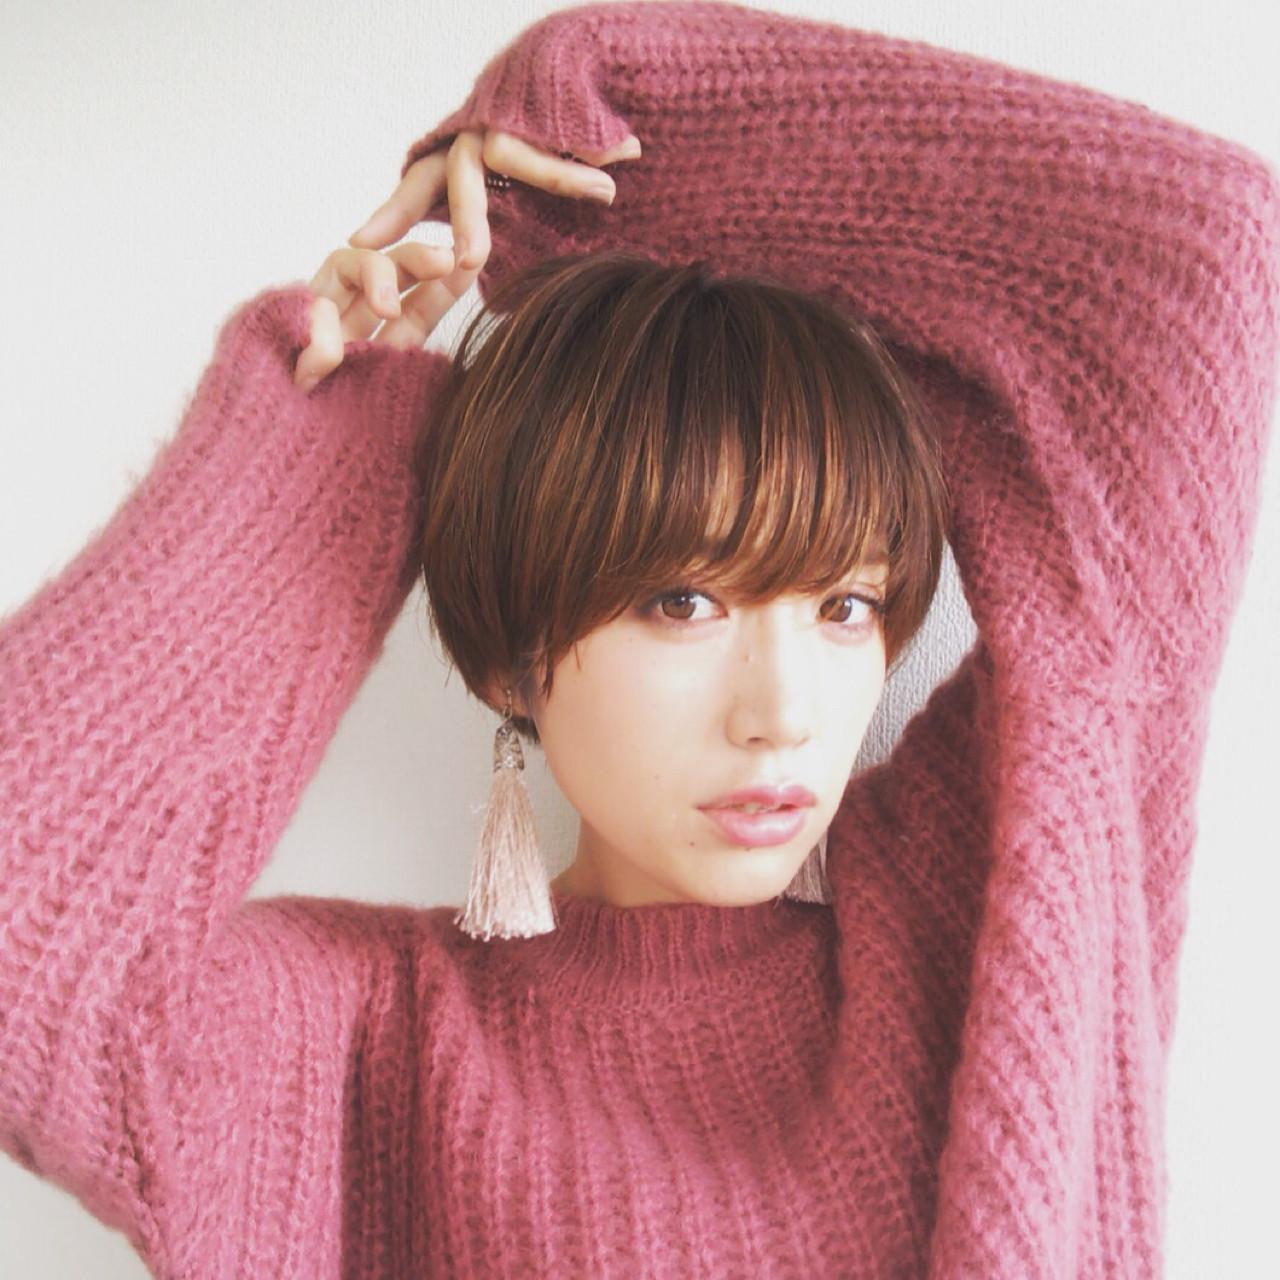 こなれ感 似合わせ ナチュラル 大人女子 ヘアスタイルや髪型の写真・画像 | yuunn /